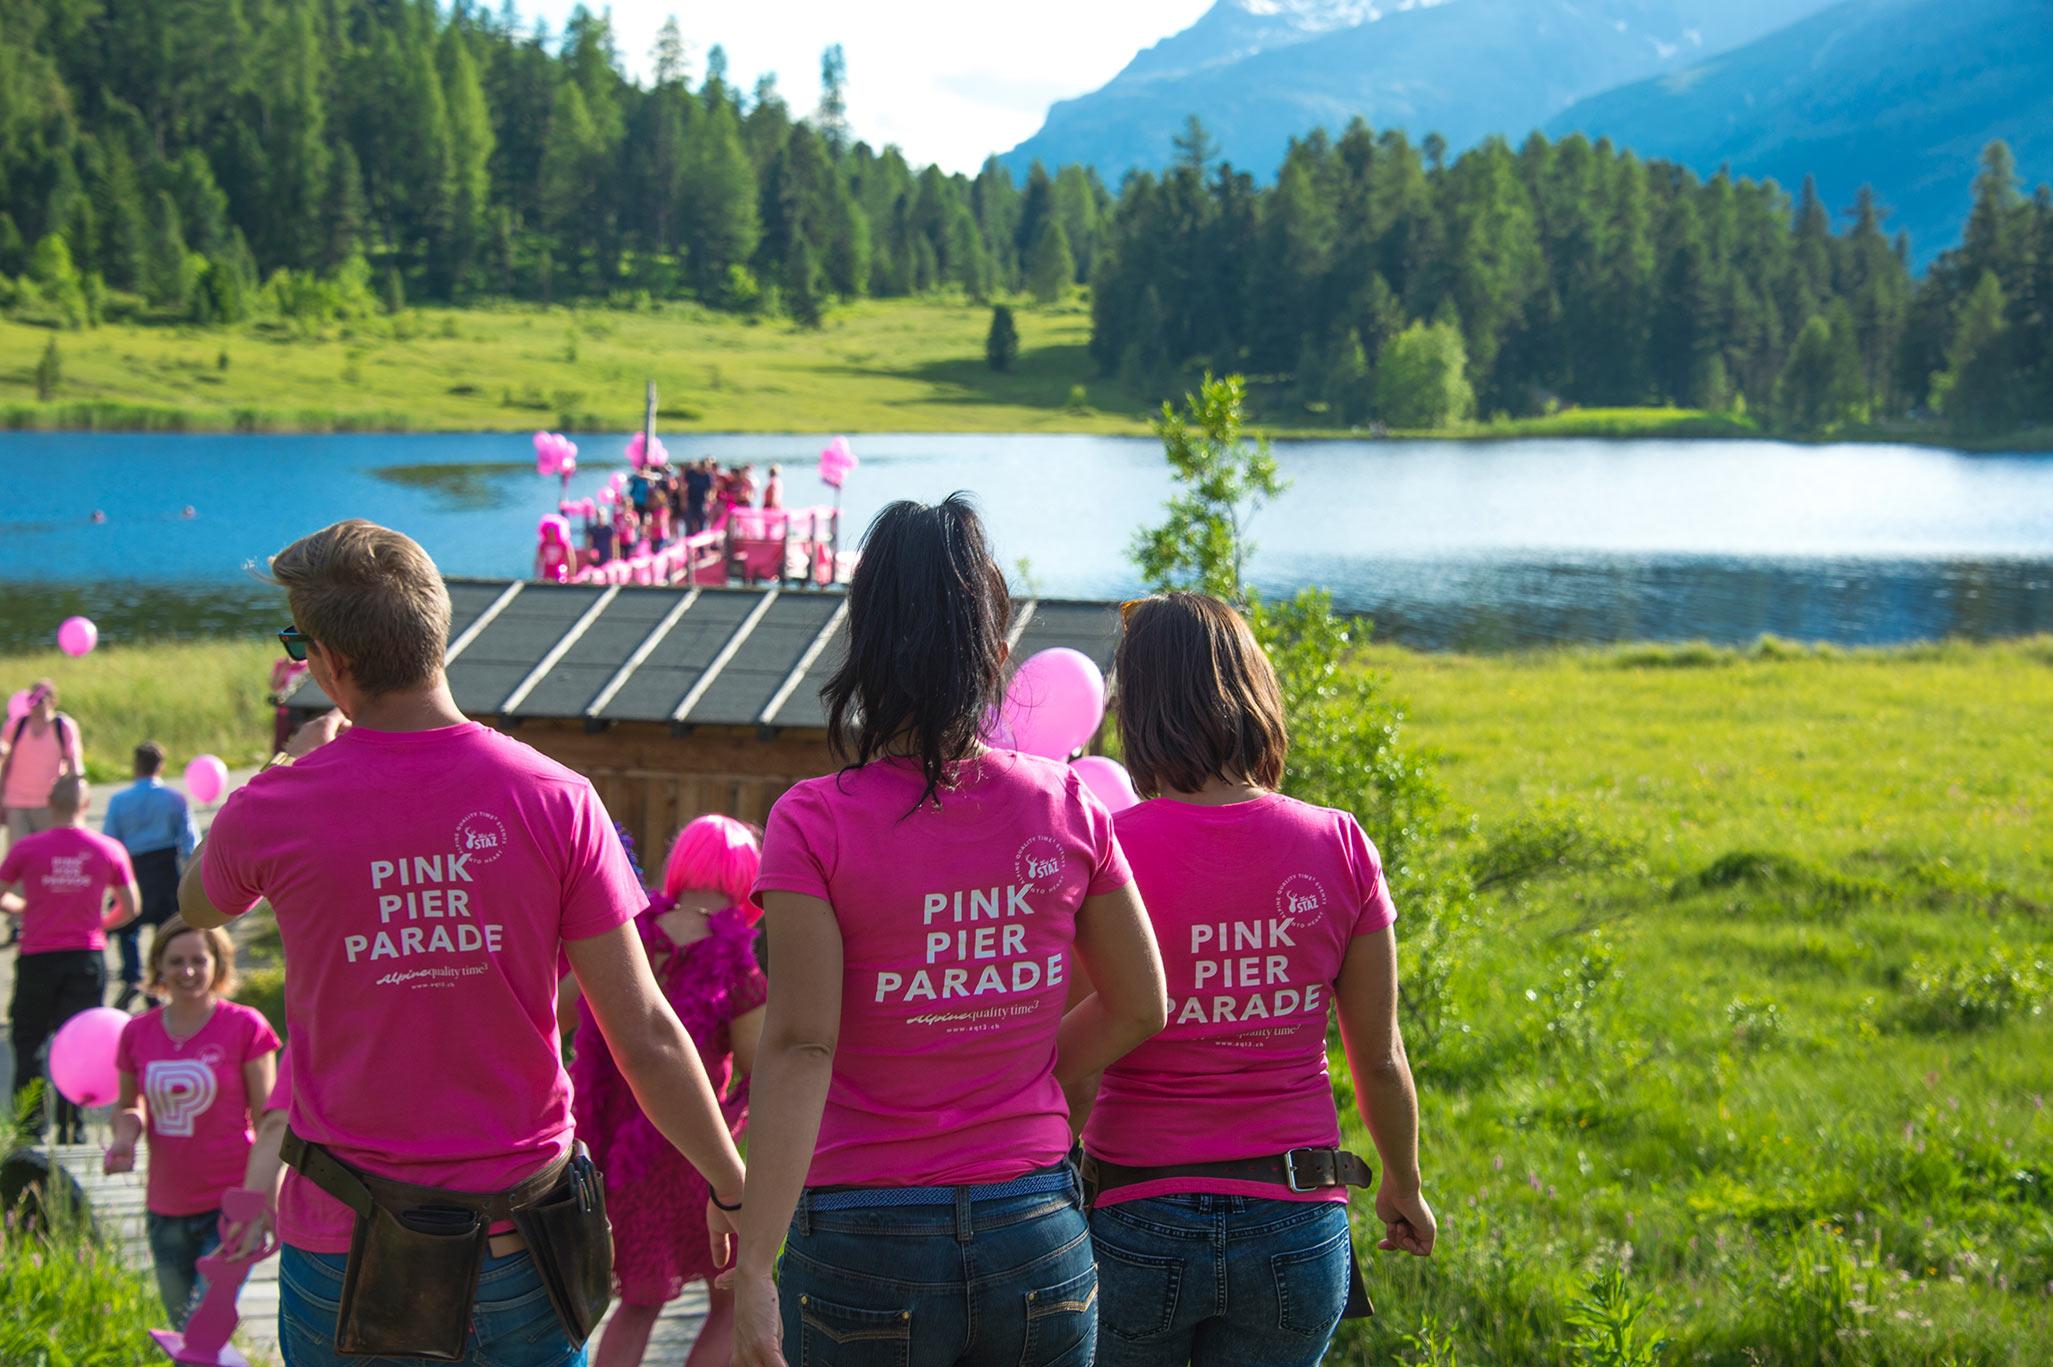 pink-pier-parade-2016-weg-zum-catwalk-steg.jpg